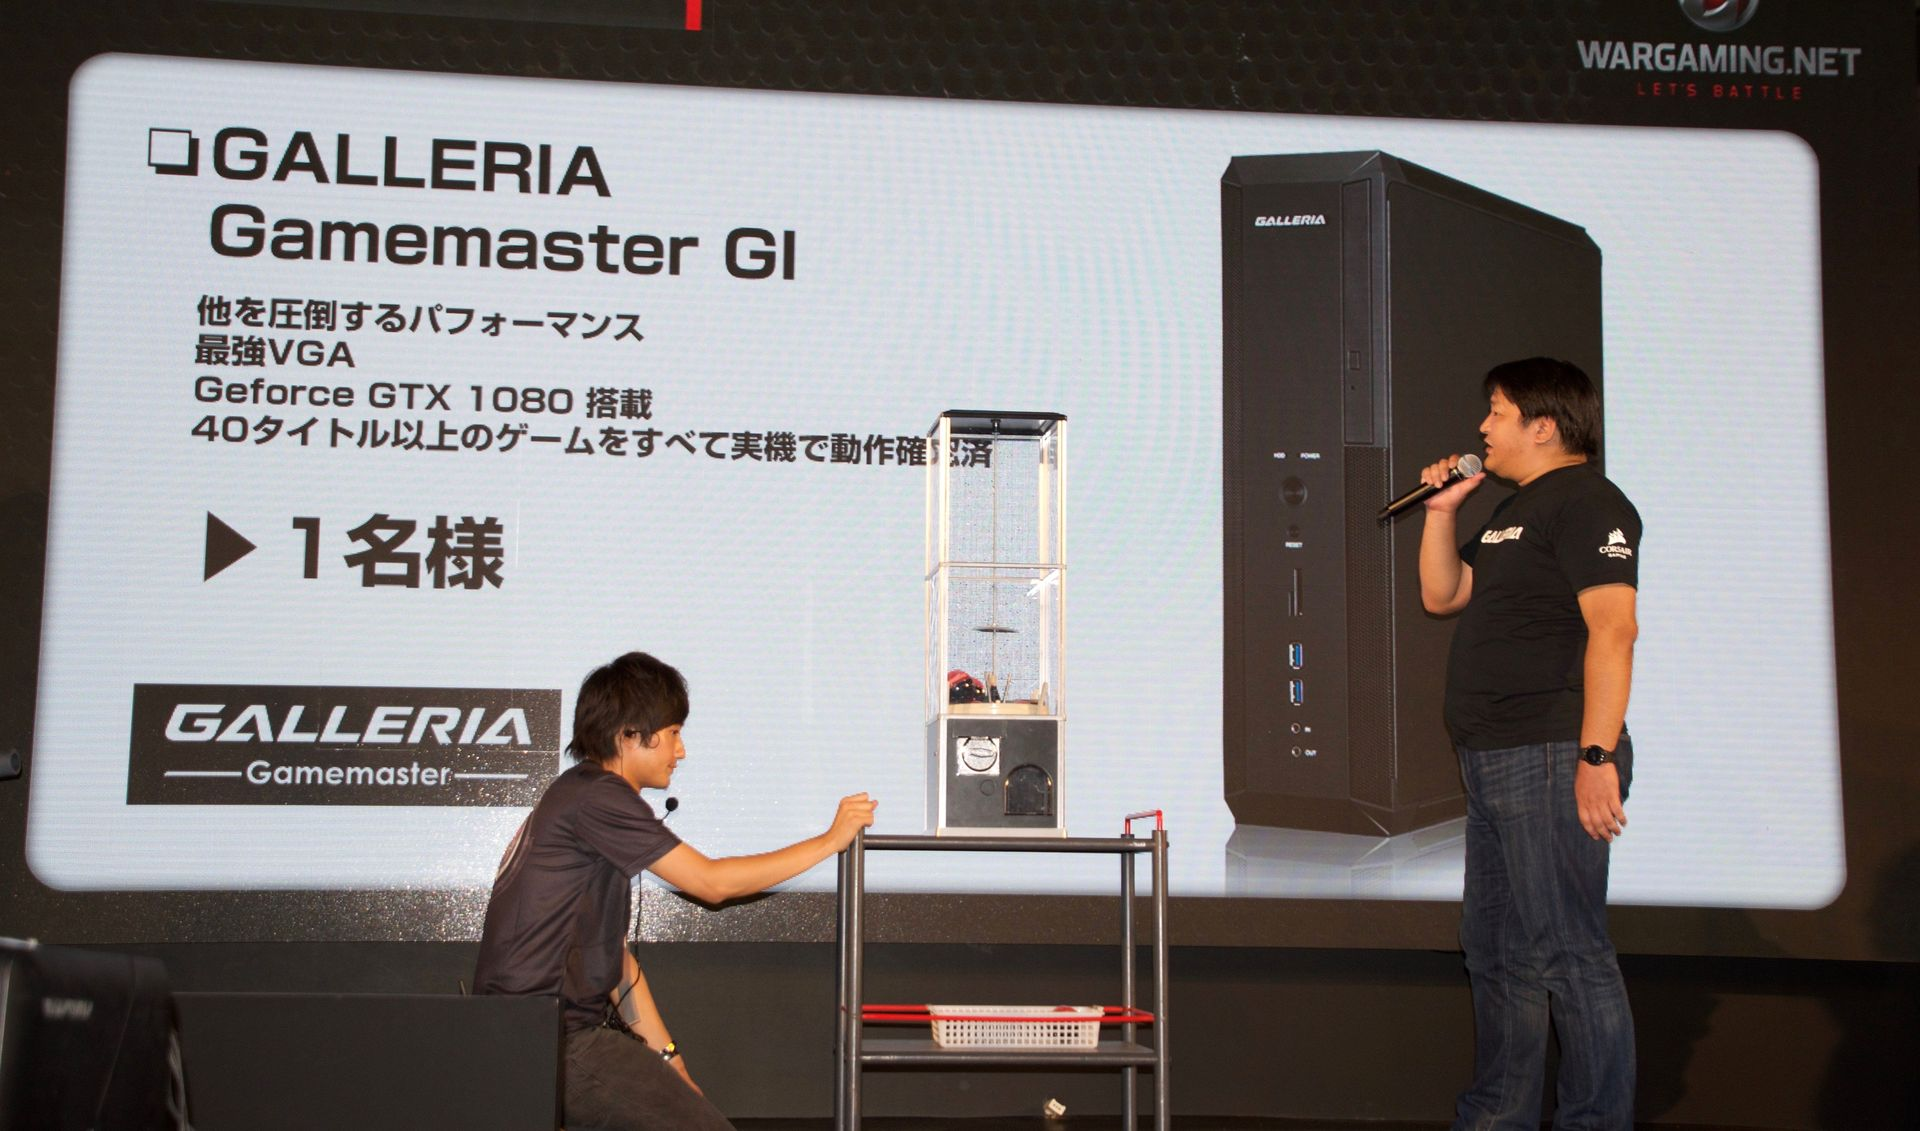 優勝したドスパラは太っ腹。GTX 1080を搭載しつつも省スペースなハイパワーゲーミングPCが提供された